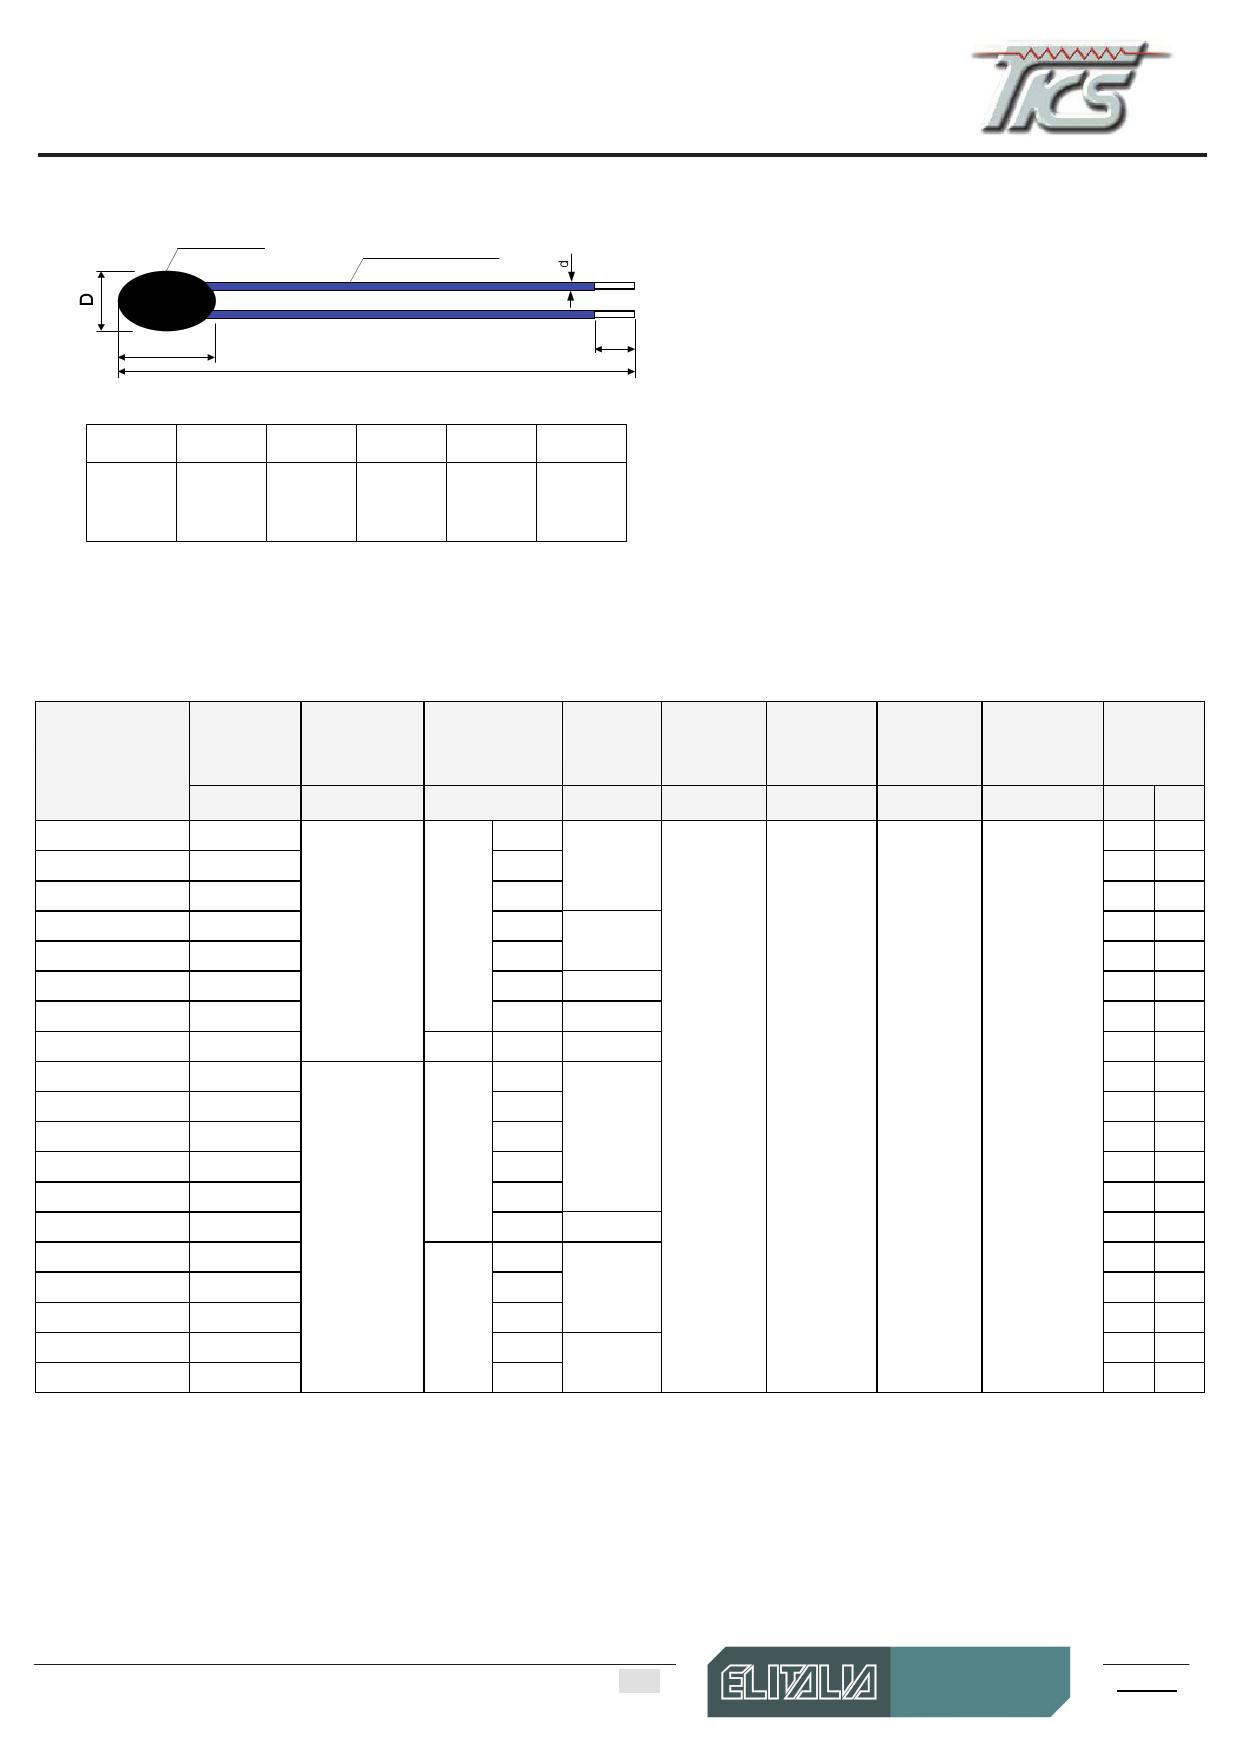 TTS2B102 pdf, schematic